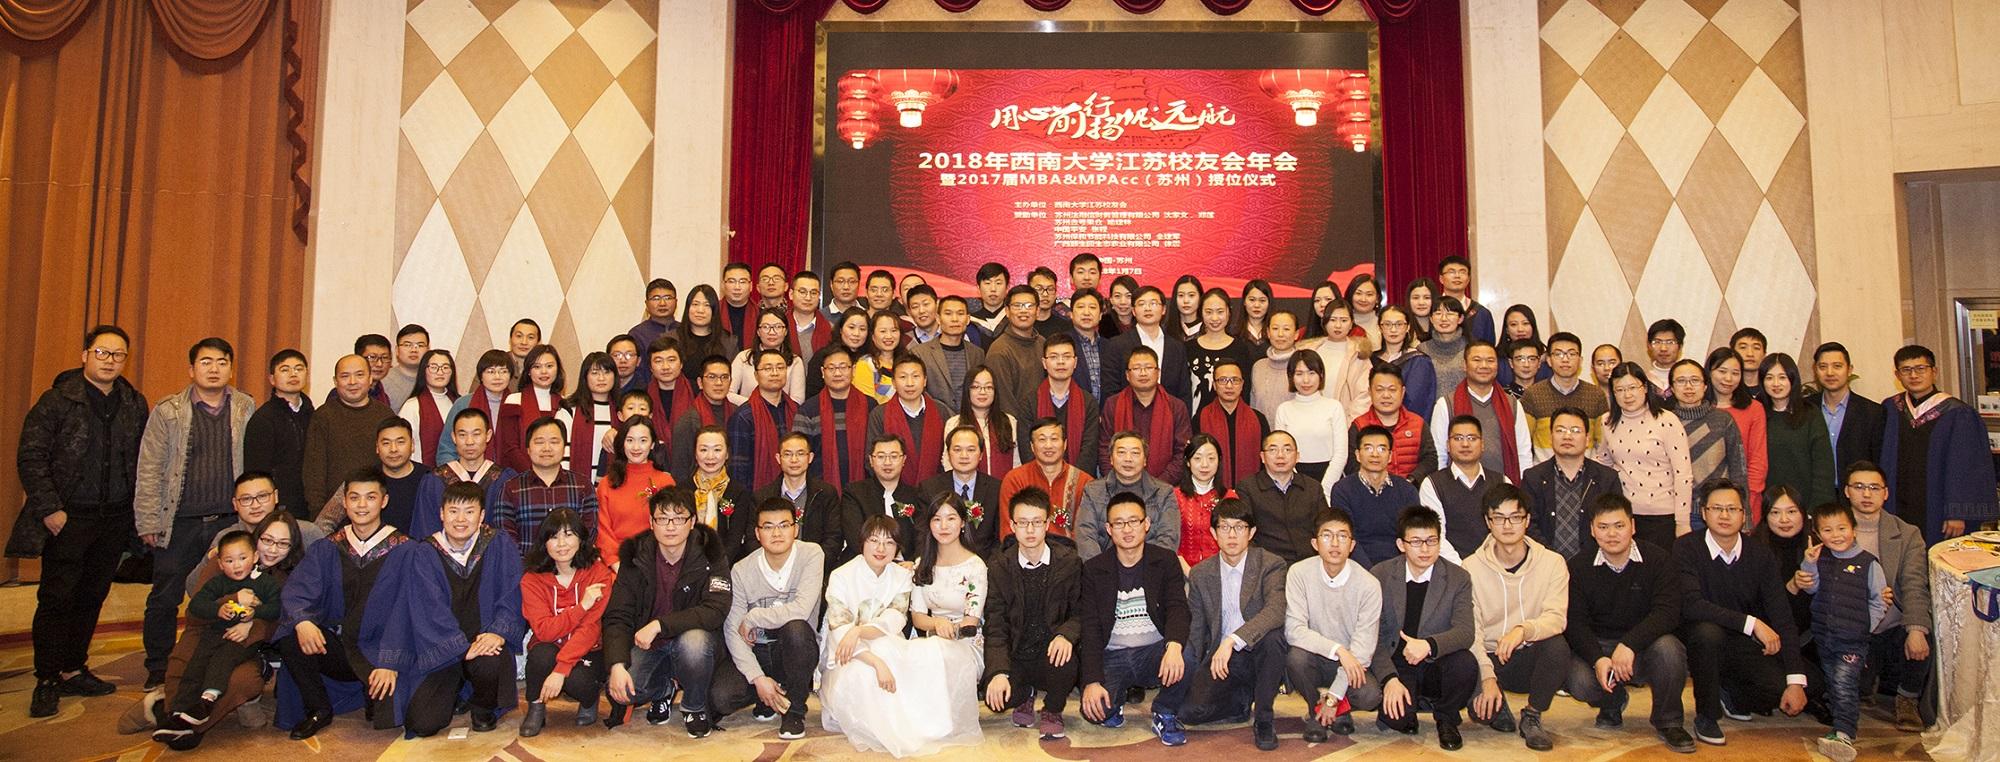 2018年西南大学江苏校友会年会隆重举行